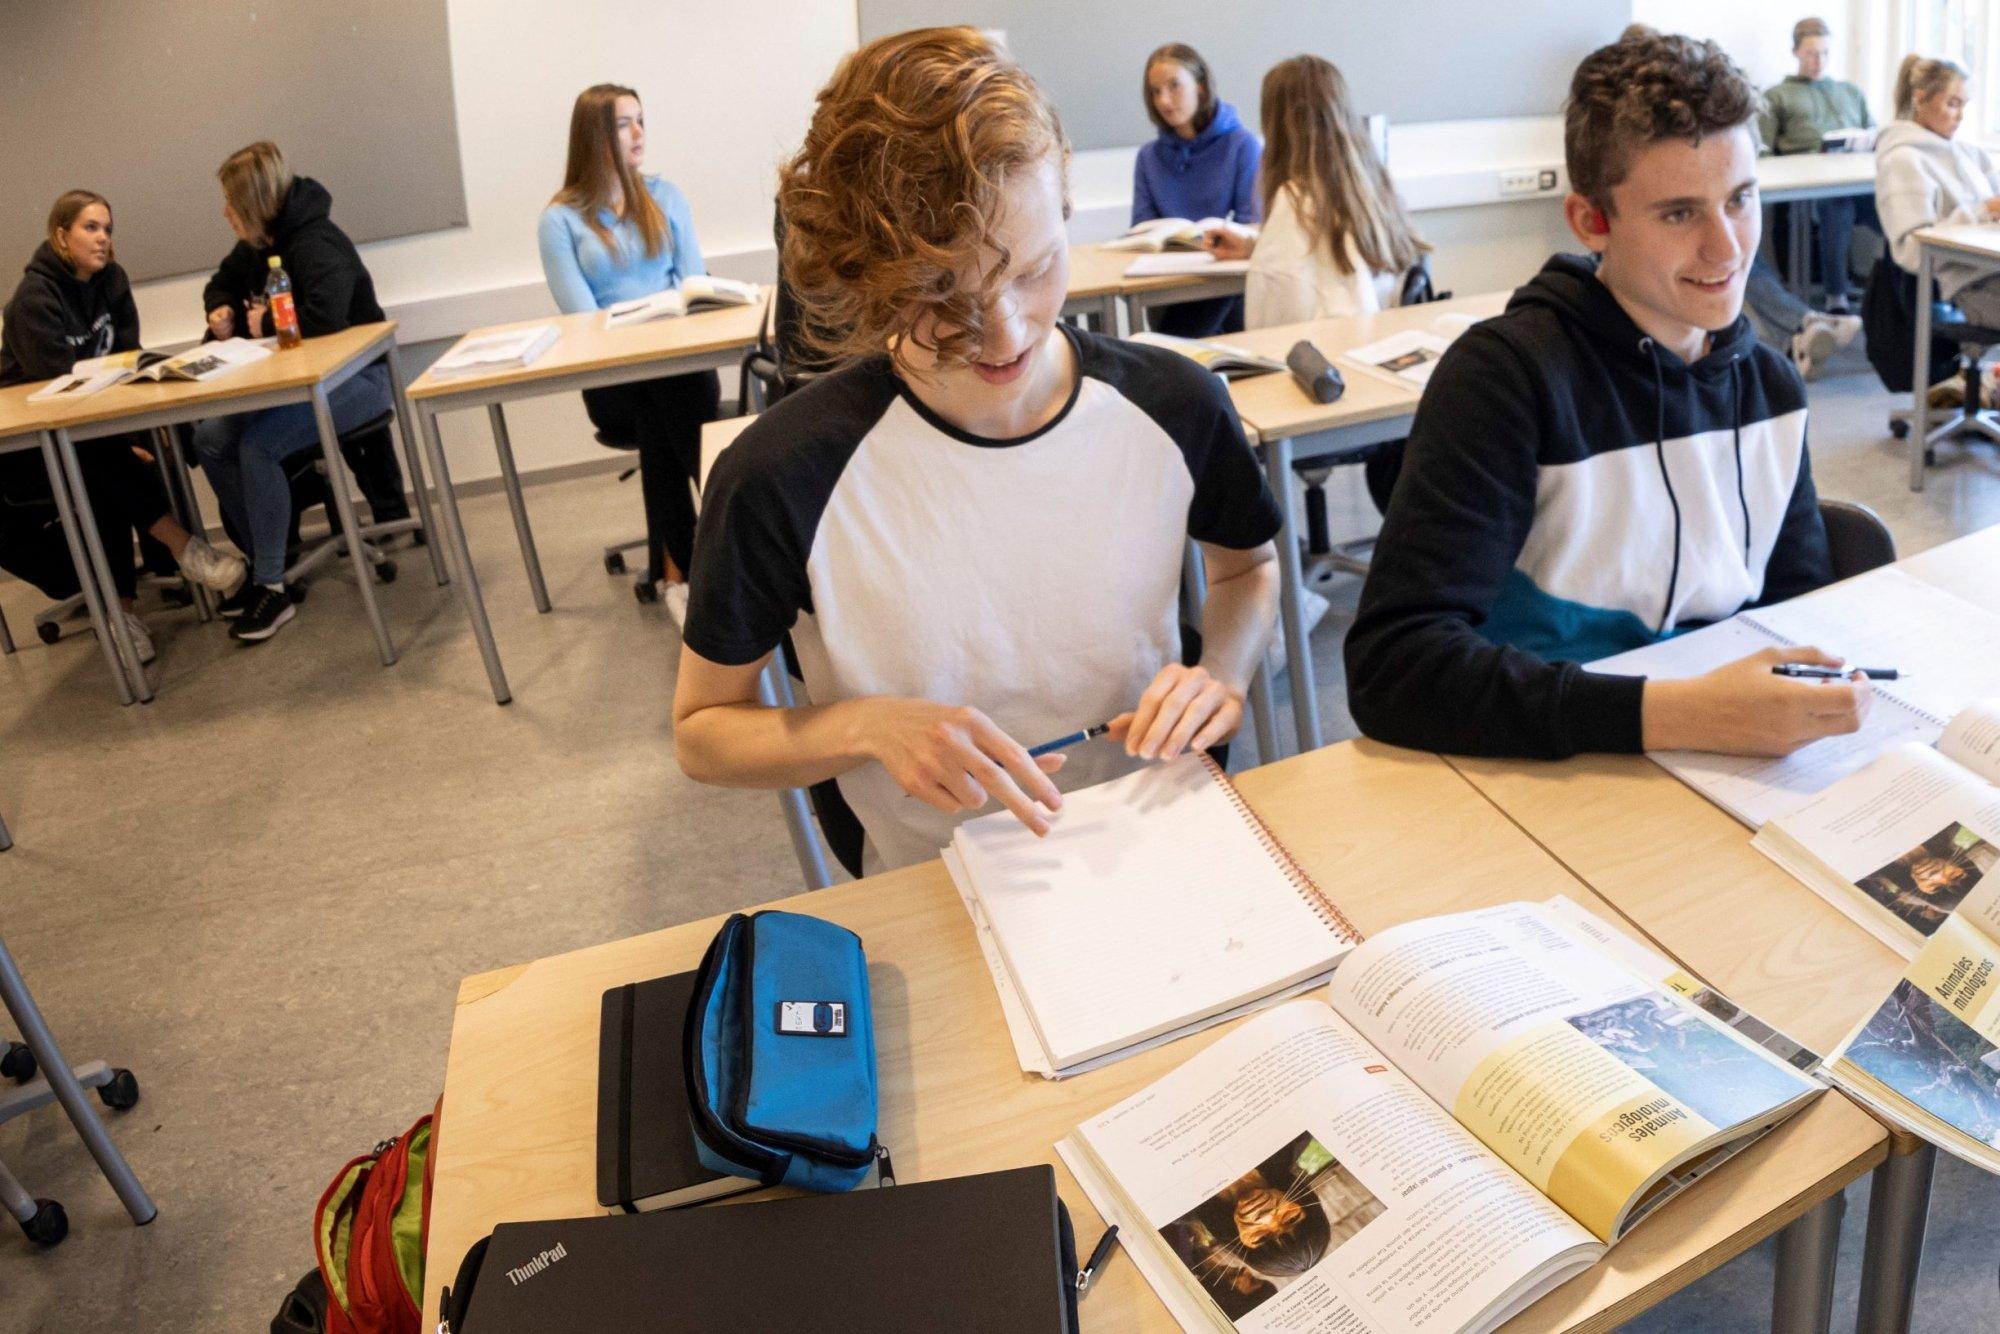 Anes spanskelever i en spansktime ved Charlottenlund videregående skole i Trondheim.